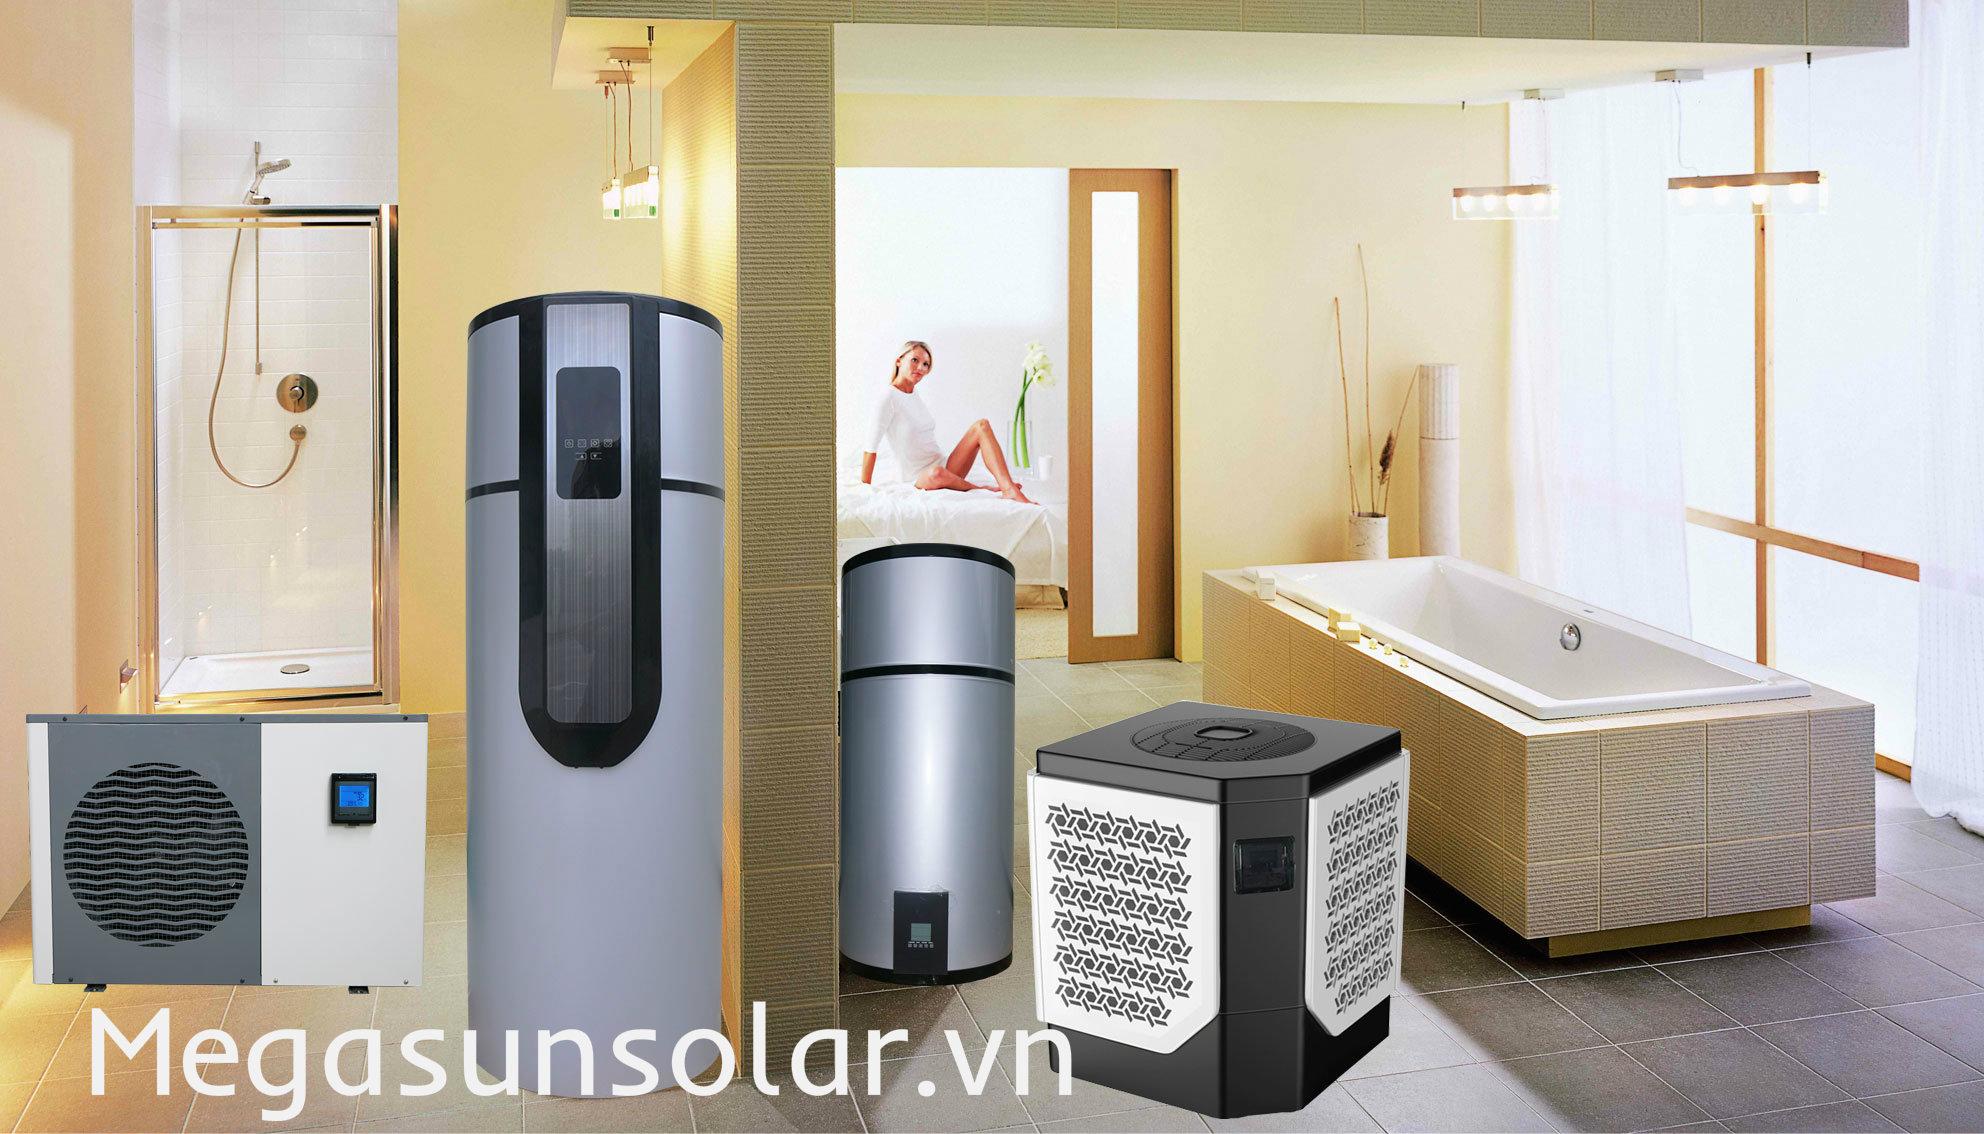 Máy Bơm nhiệt heat pump MGS2.5-200 bình tích hợp